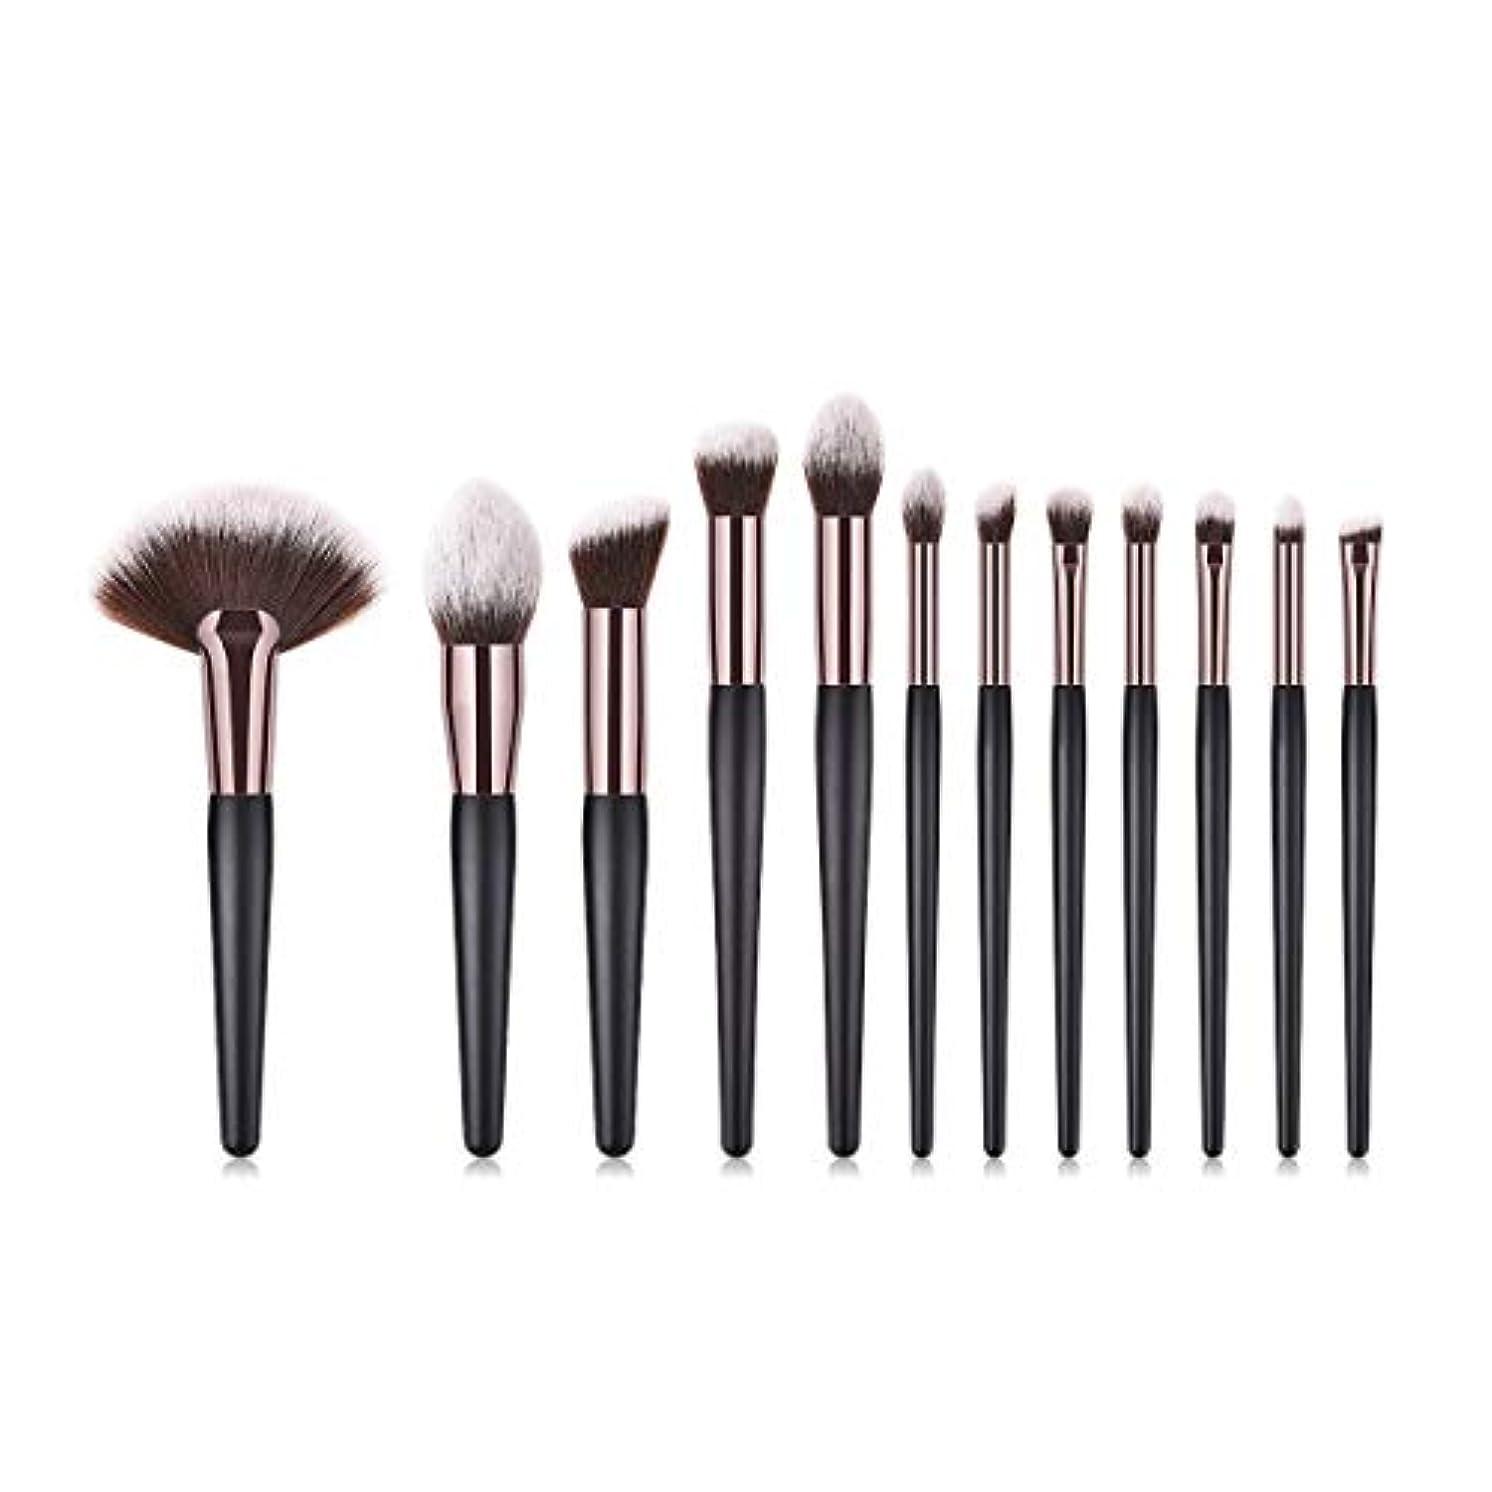 控えめな自慢オーナメントMakeup brushes 12化粧ブラシファンデーションブラシパウダーピンクブラッシュブラシアイシャドウブラシハイスクールグロスシルエットブラシセットブラシホワイト suits (Color : Black Gold)